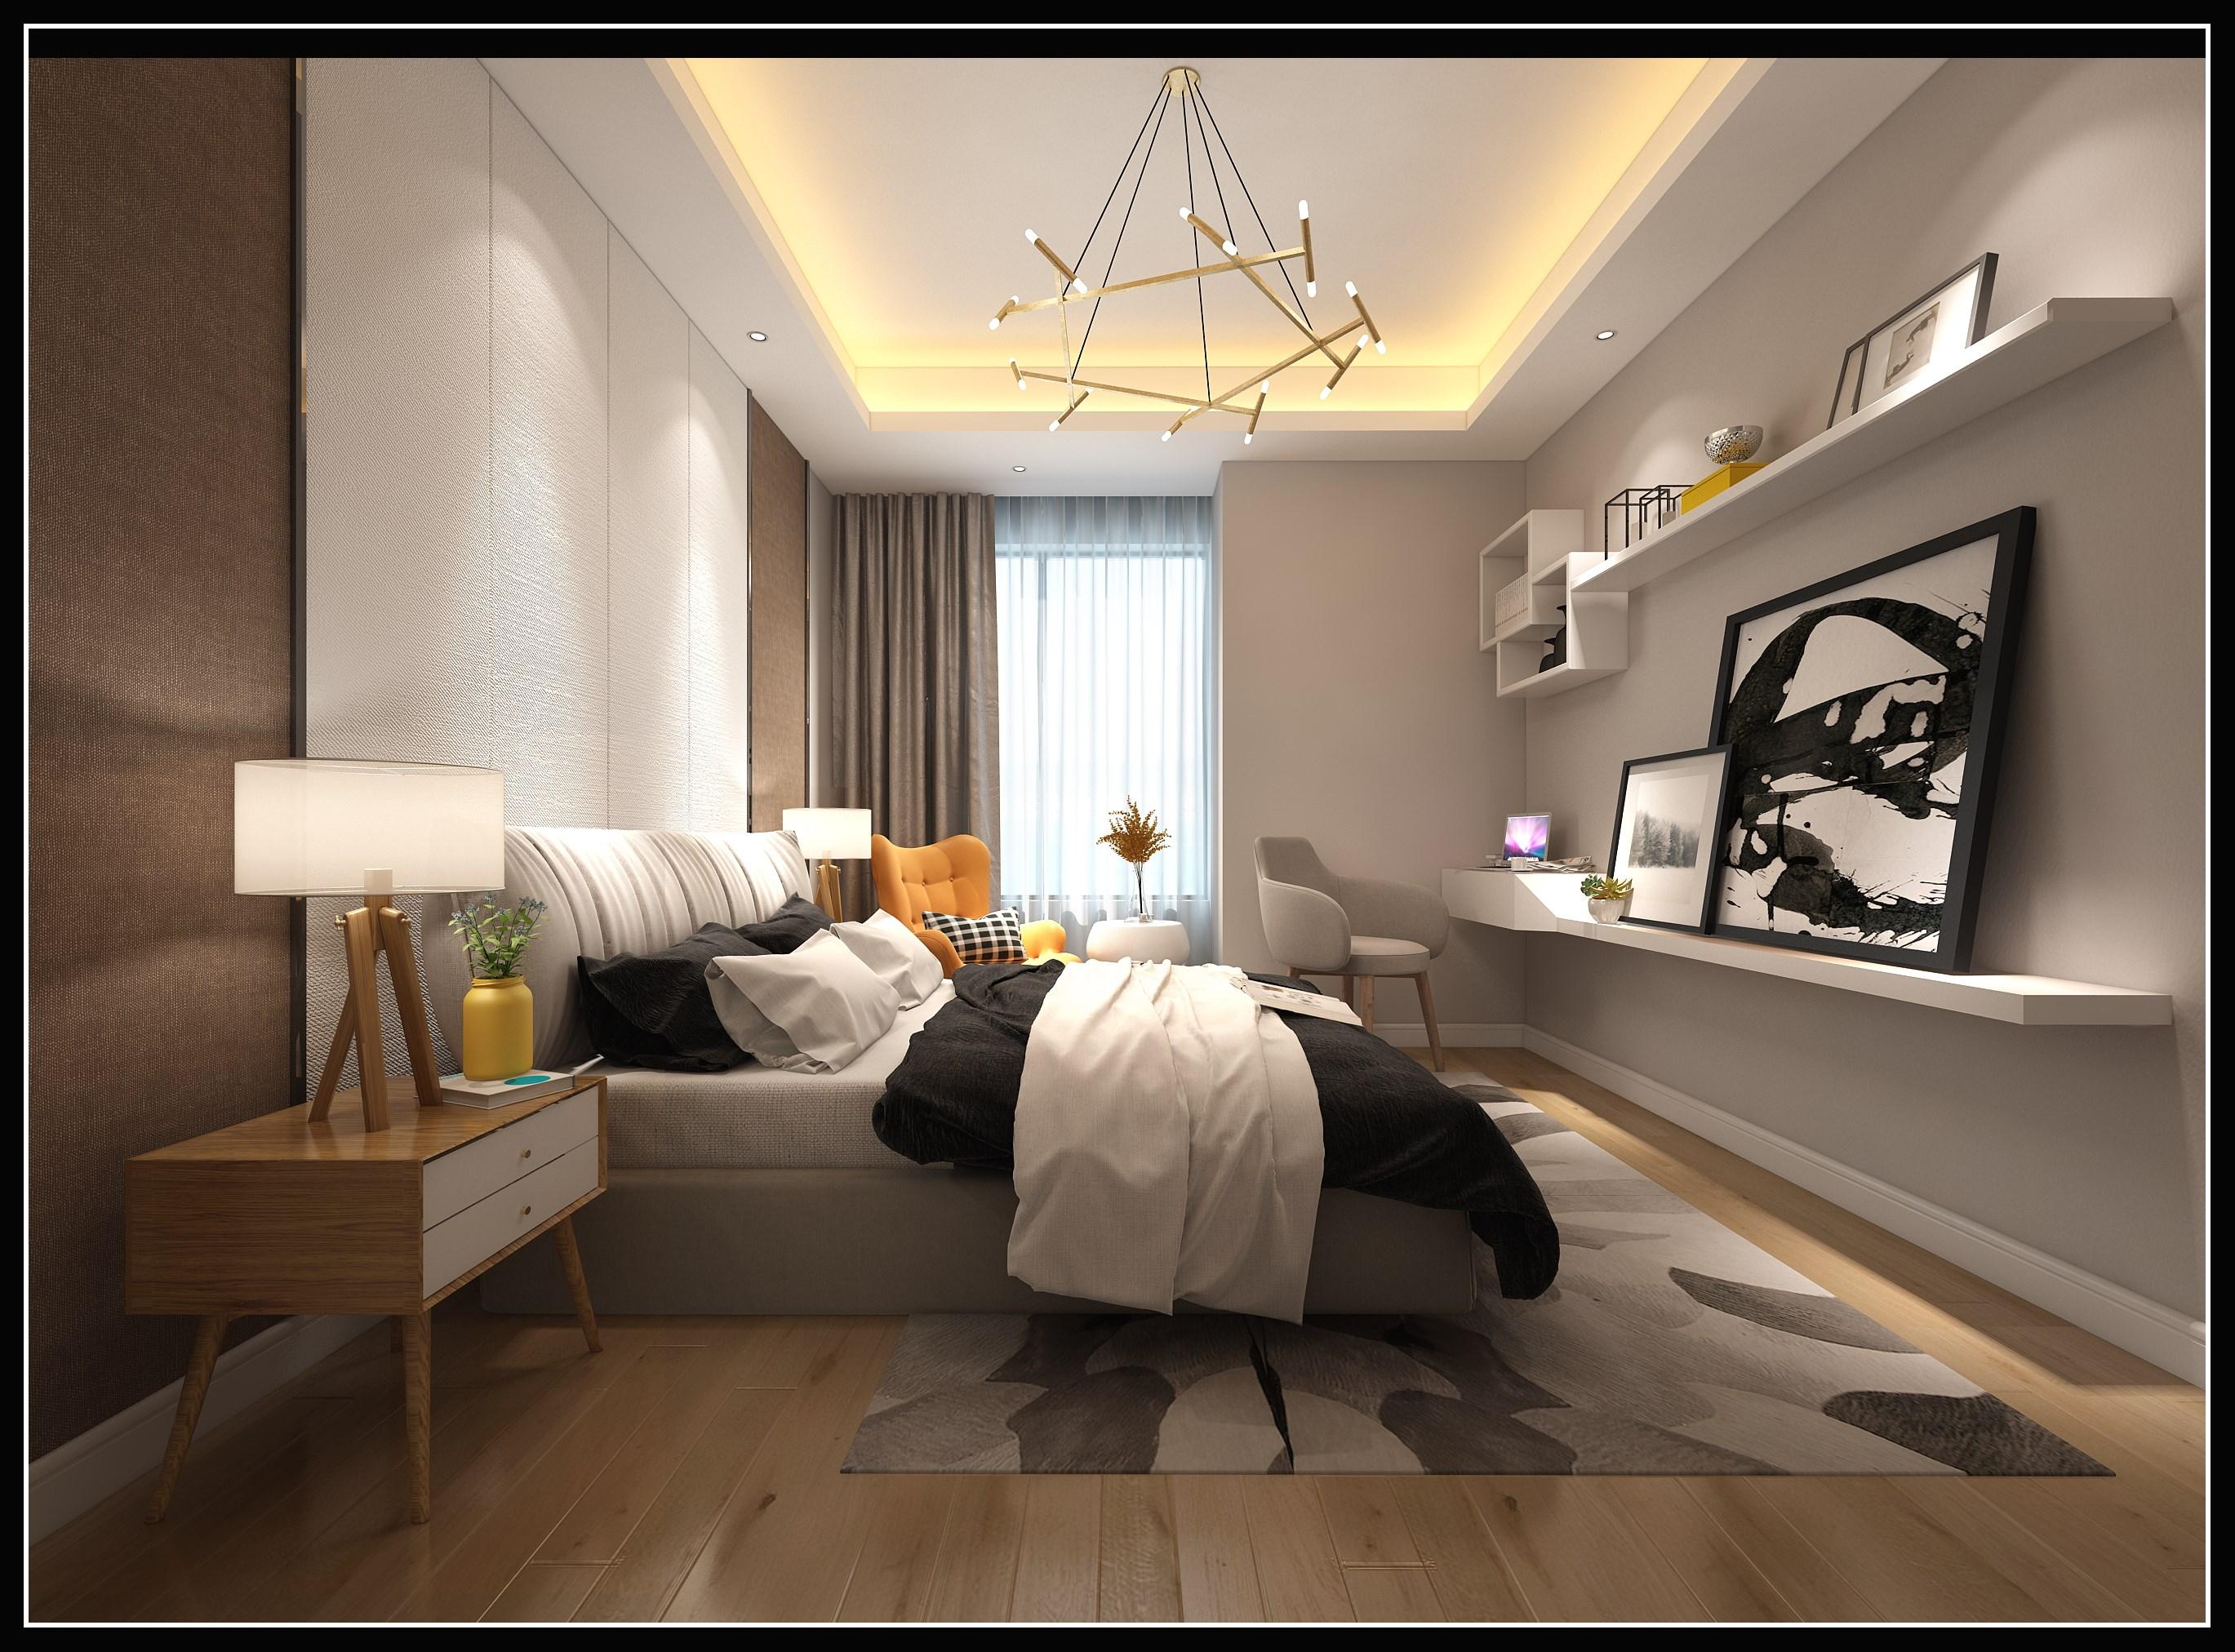 卧室- 效果图交流区-建e室内设计网